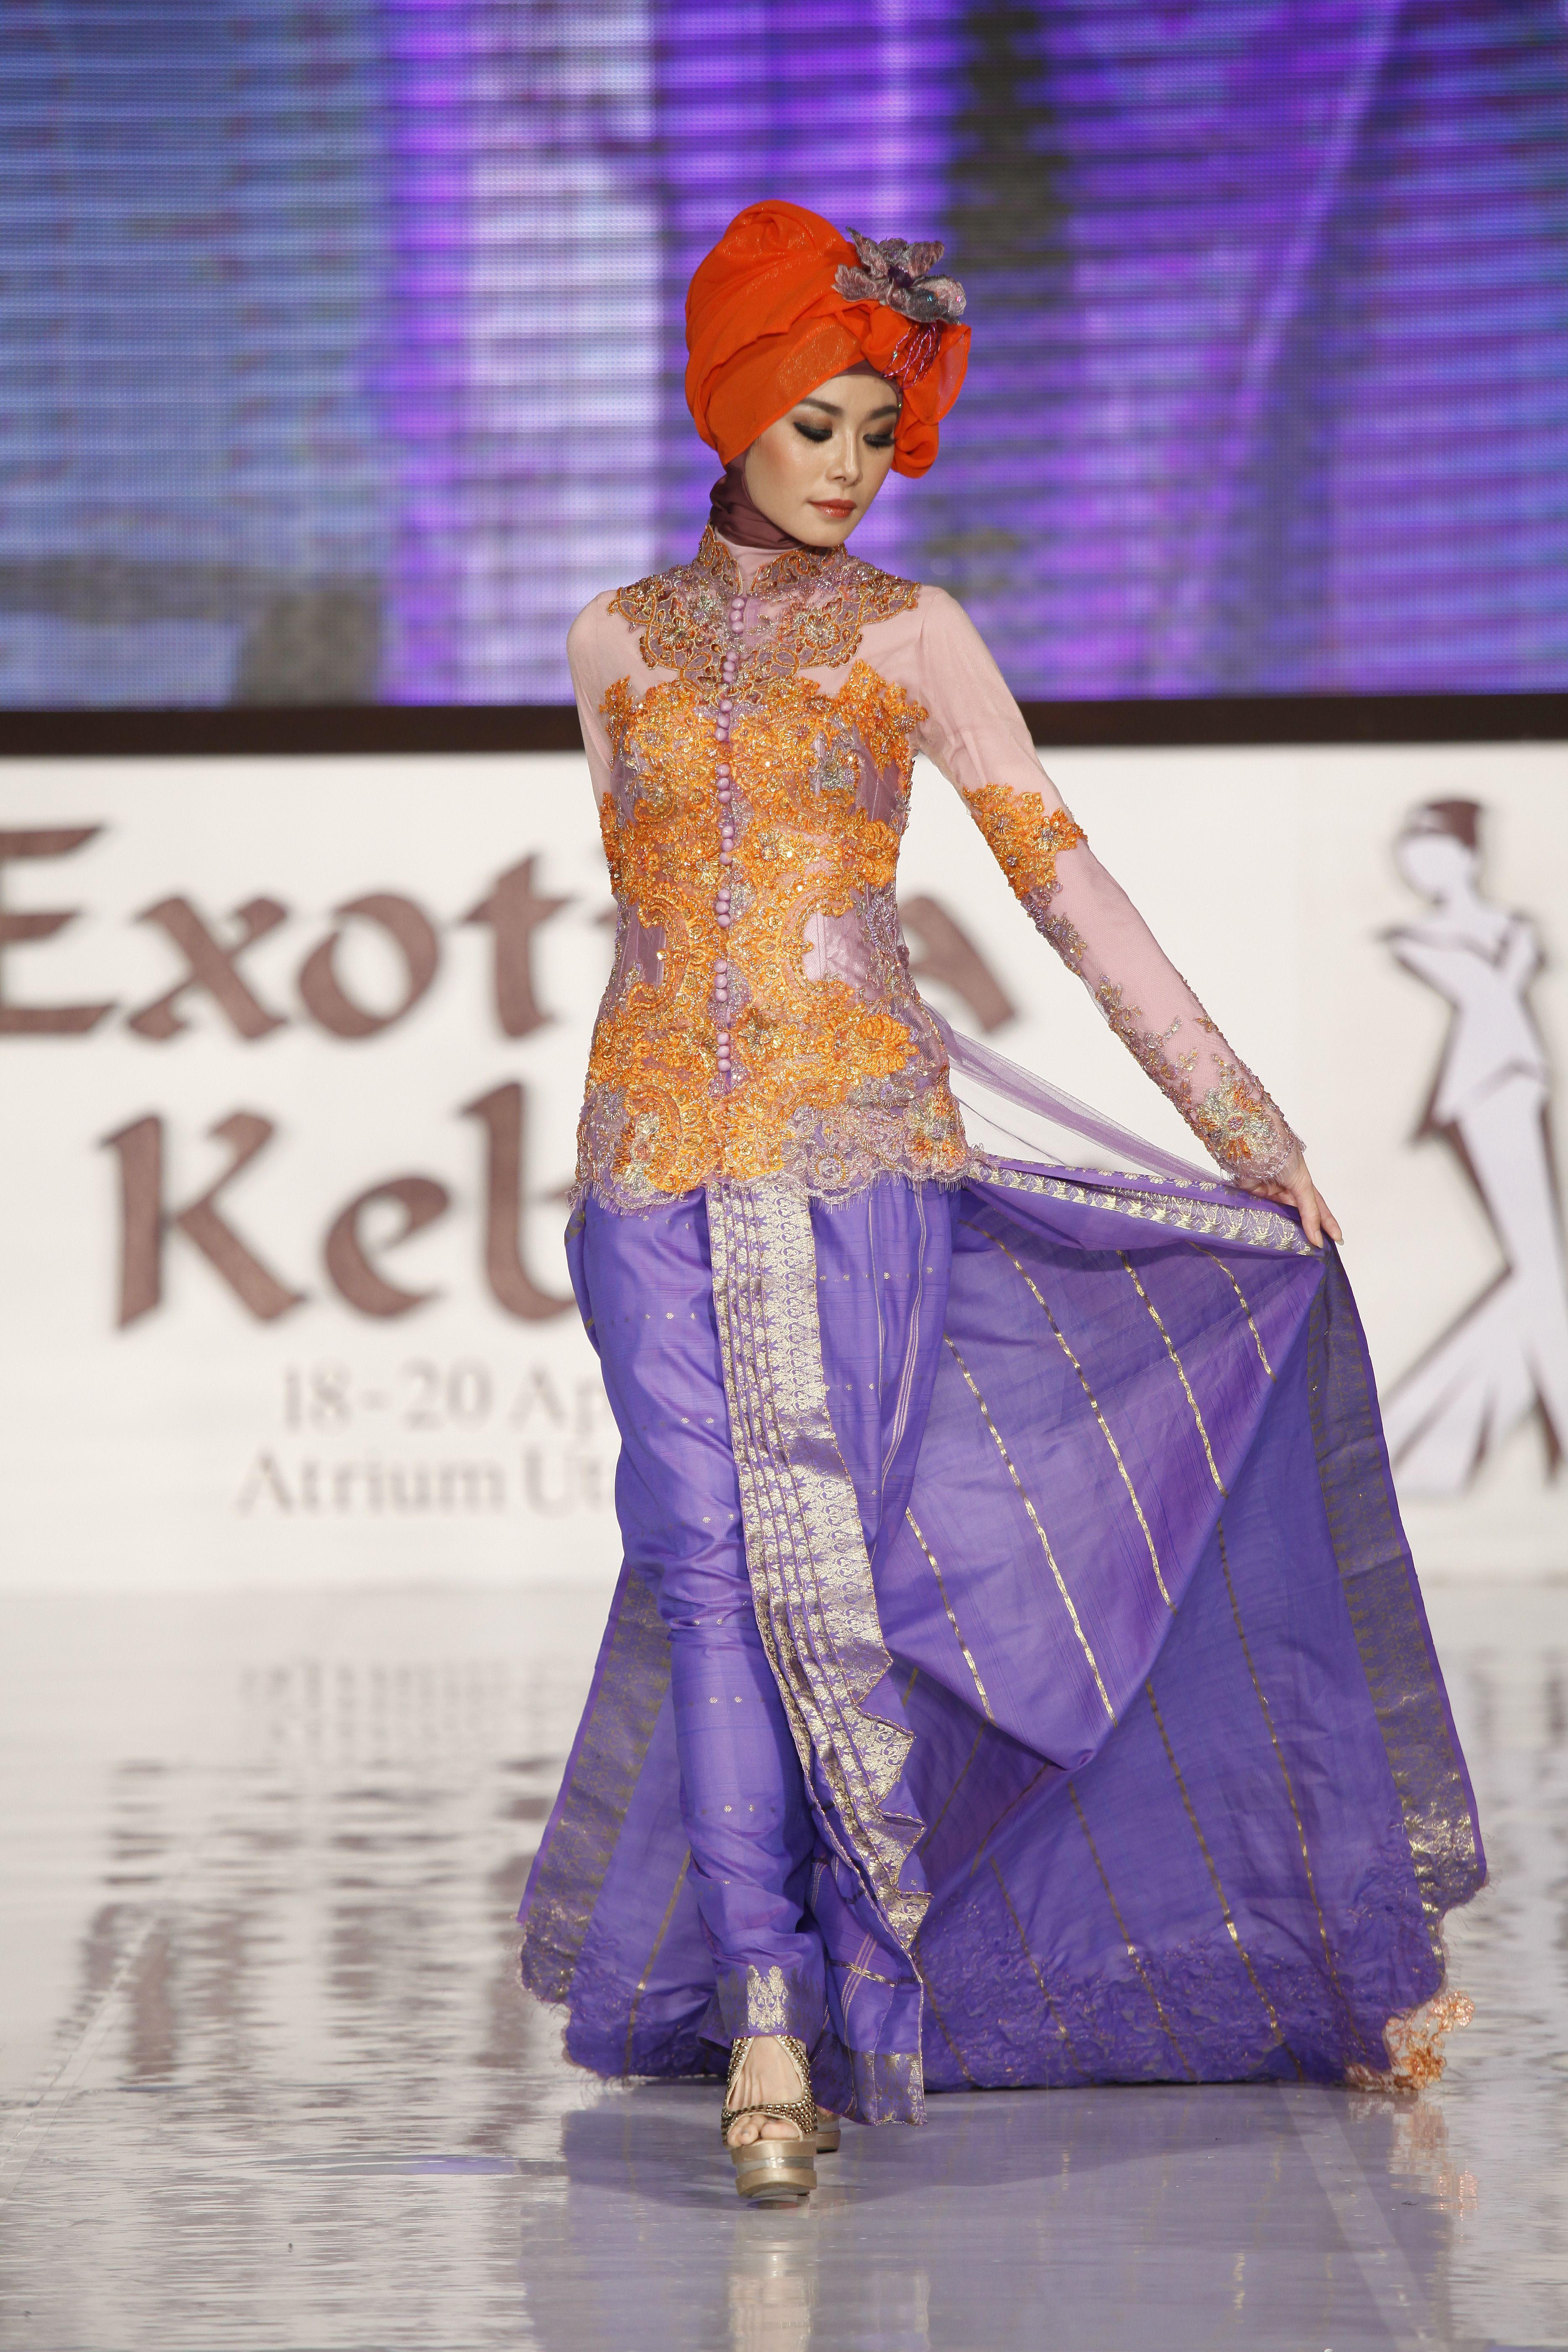 kebaya warna orange dengan kombinasi ungu cocok untuk menghadiri acara resmi kami juga menerima